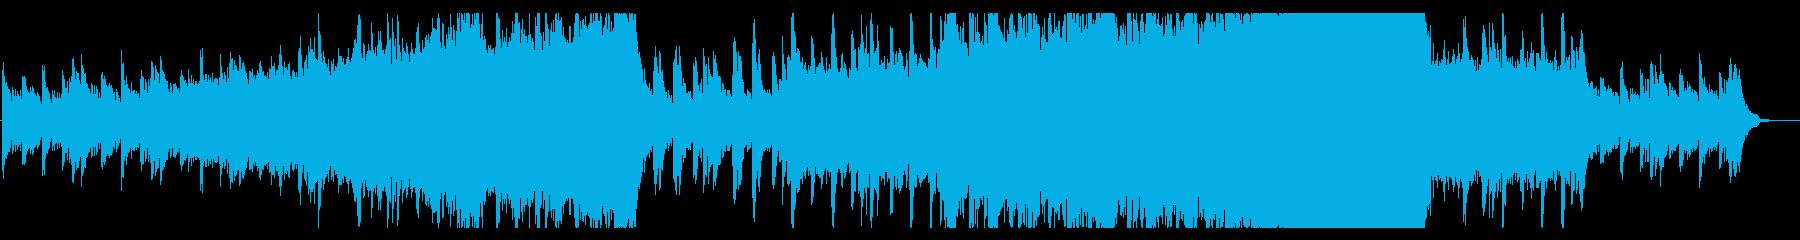 シネマ、感動的なピアノとストリングスの再生済みの波形